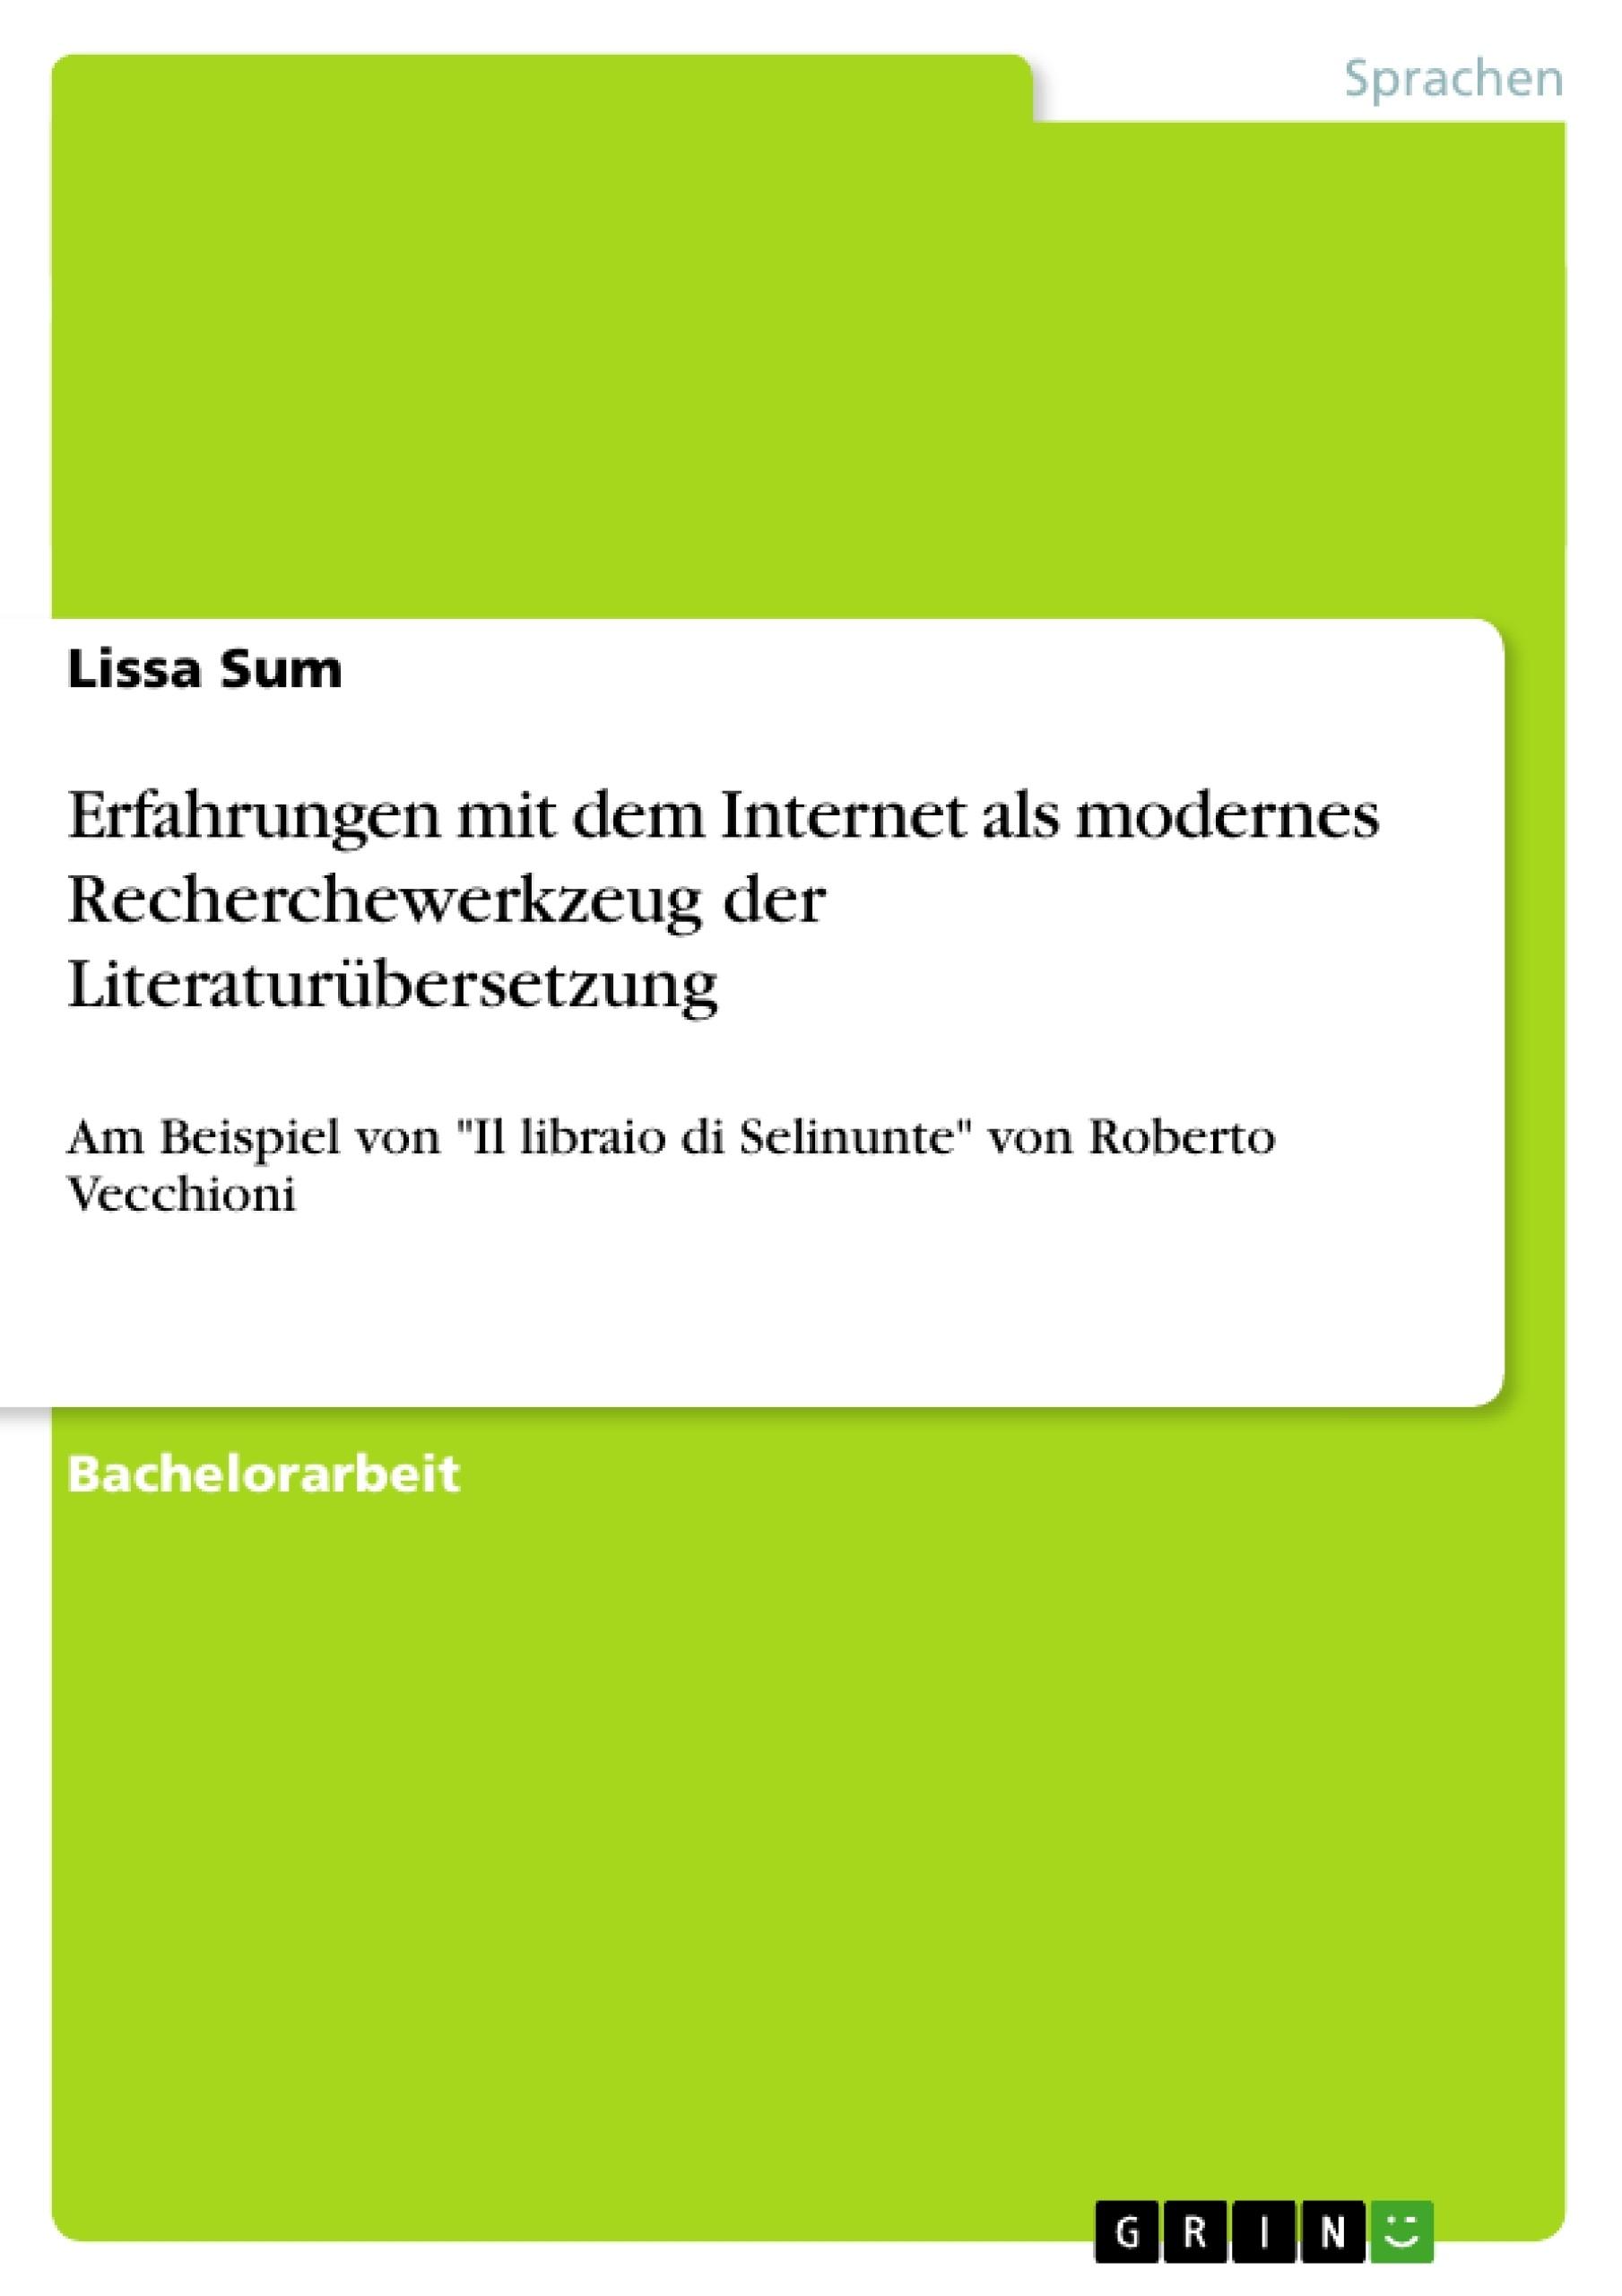 Titel: Erfahrungen mit dem Internet als modernes Recherchewerkzeug der Literaturübersetzung